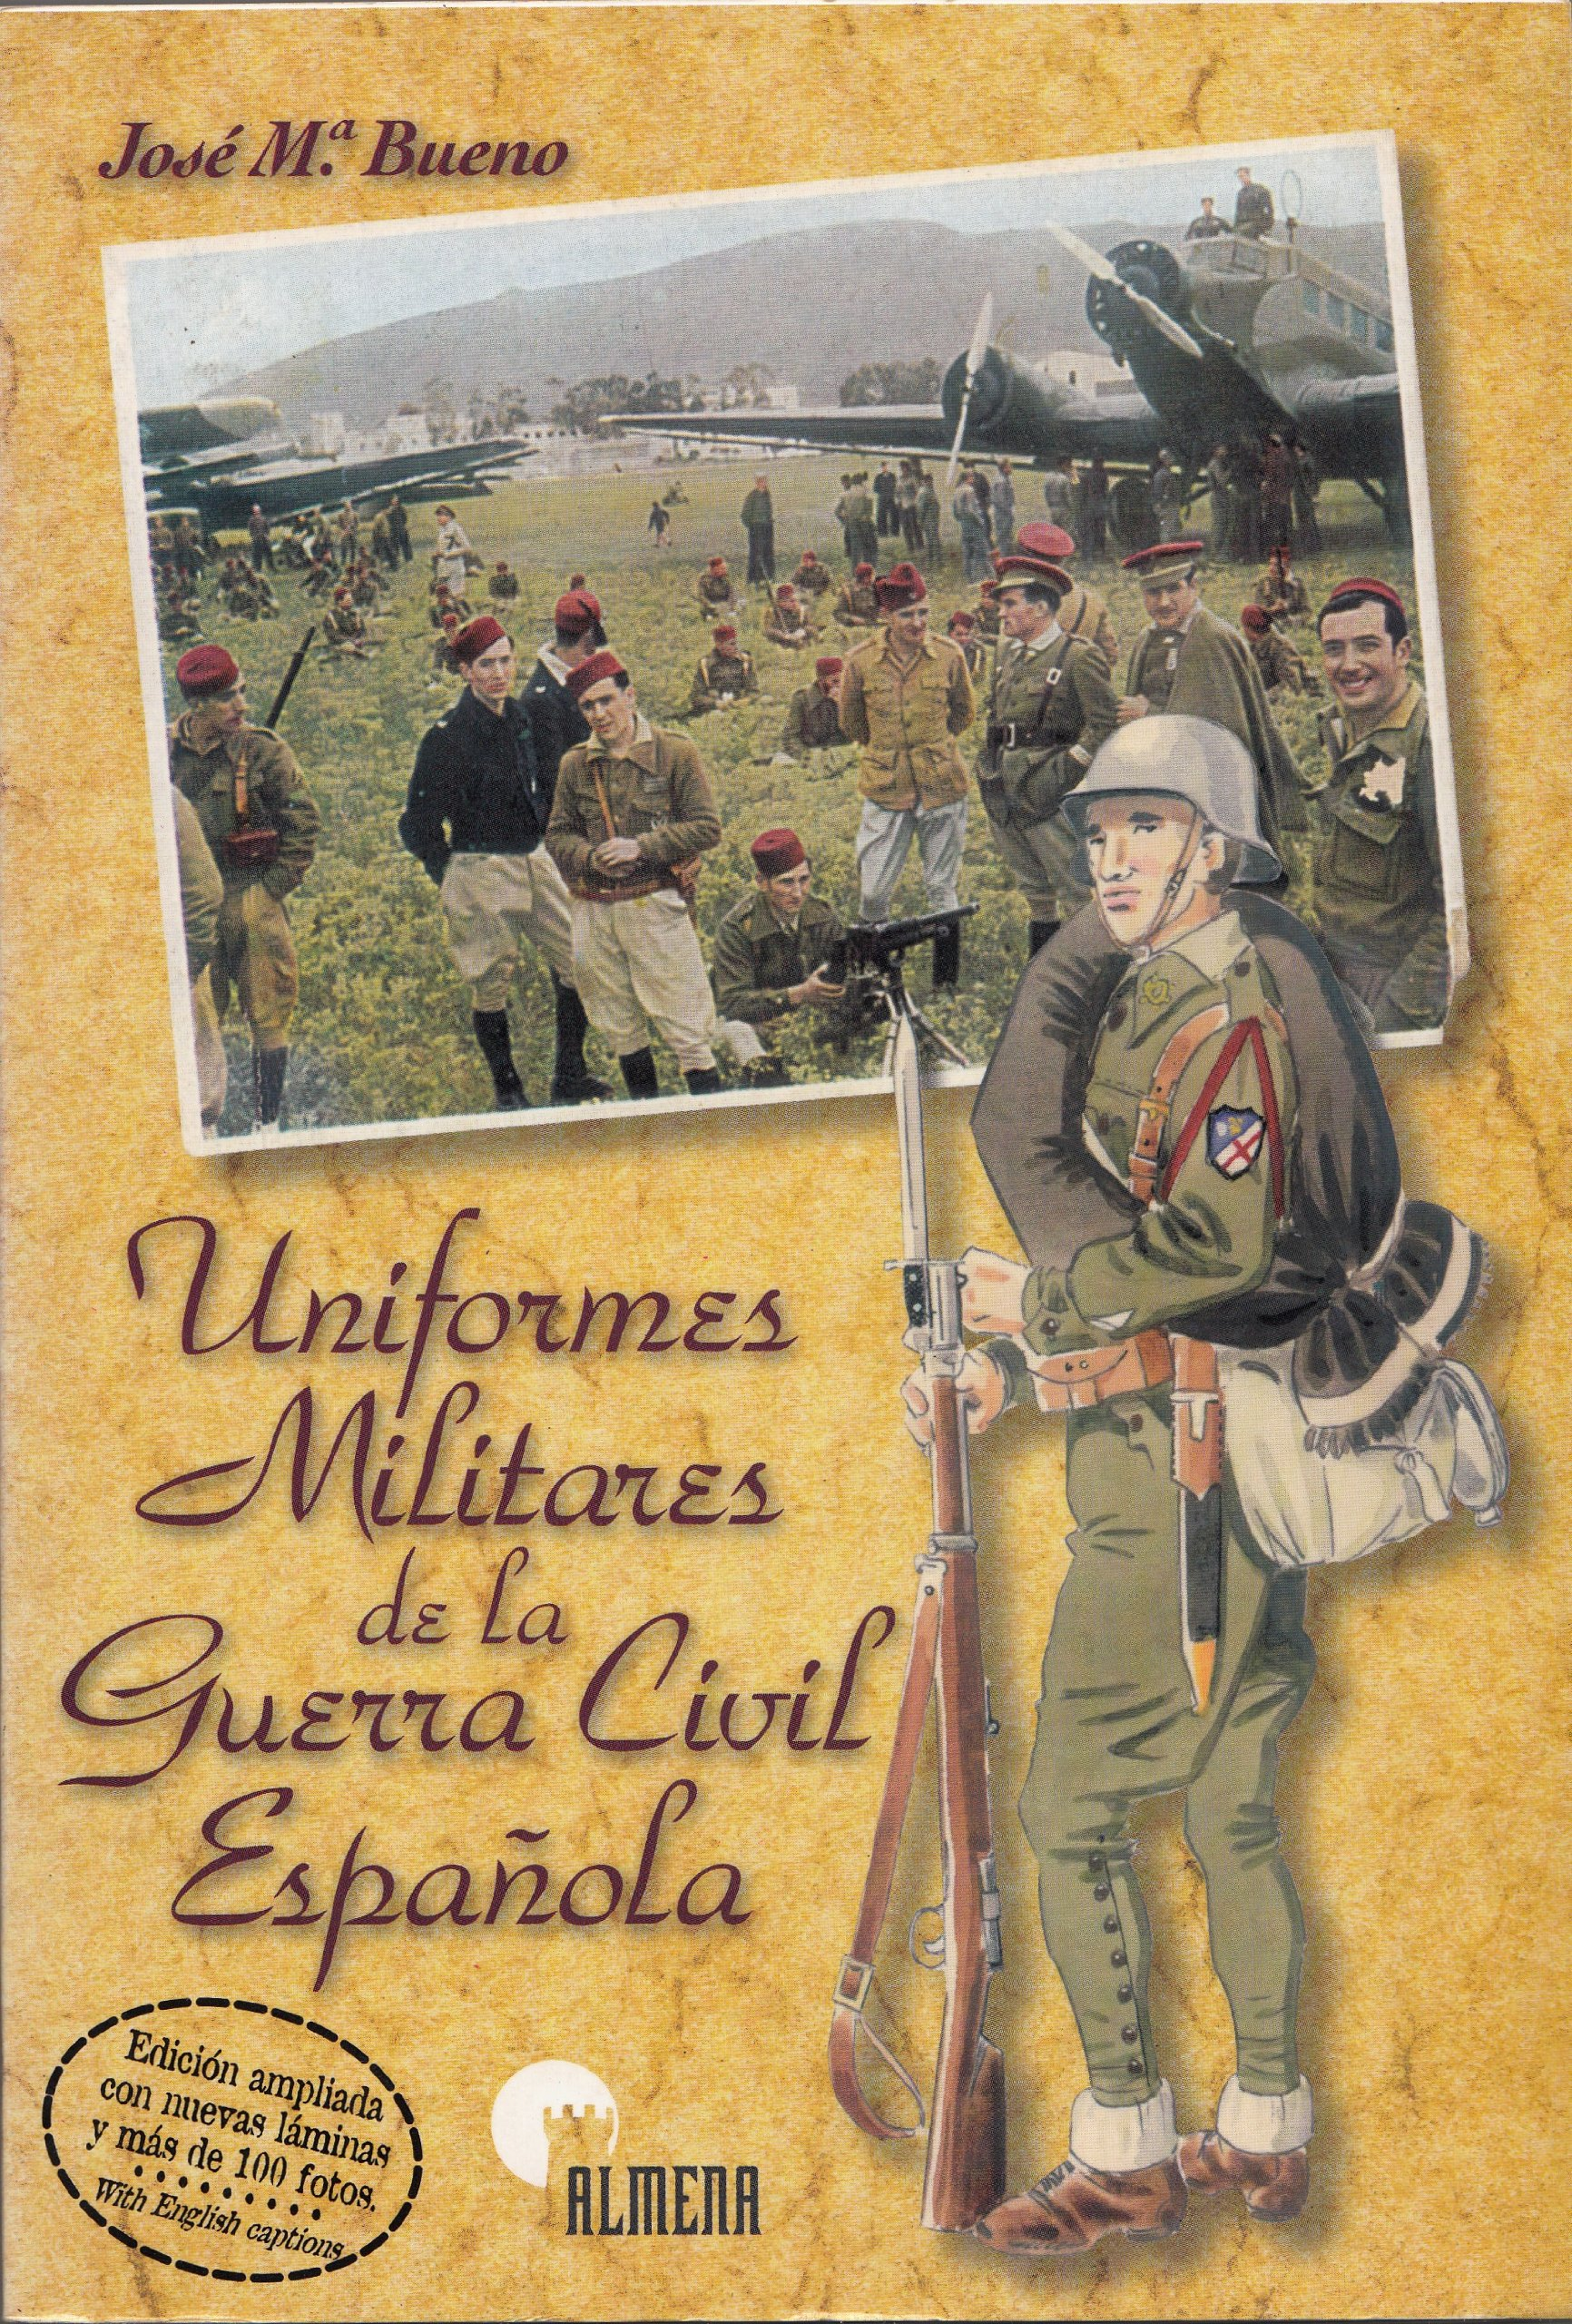 Uniformes militares de Guerra civil española: Amazon.es: Bueno, José María: Libros